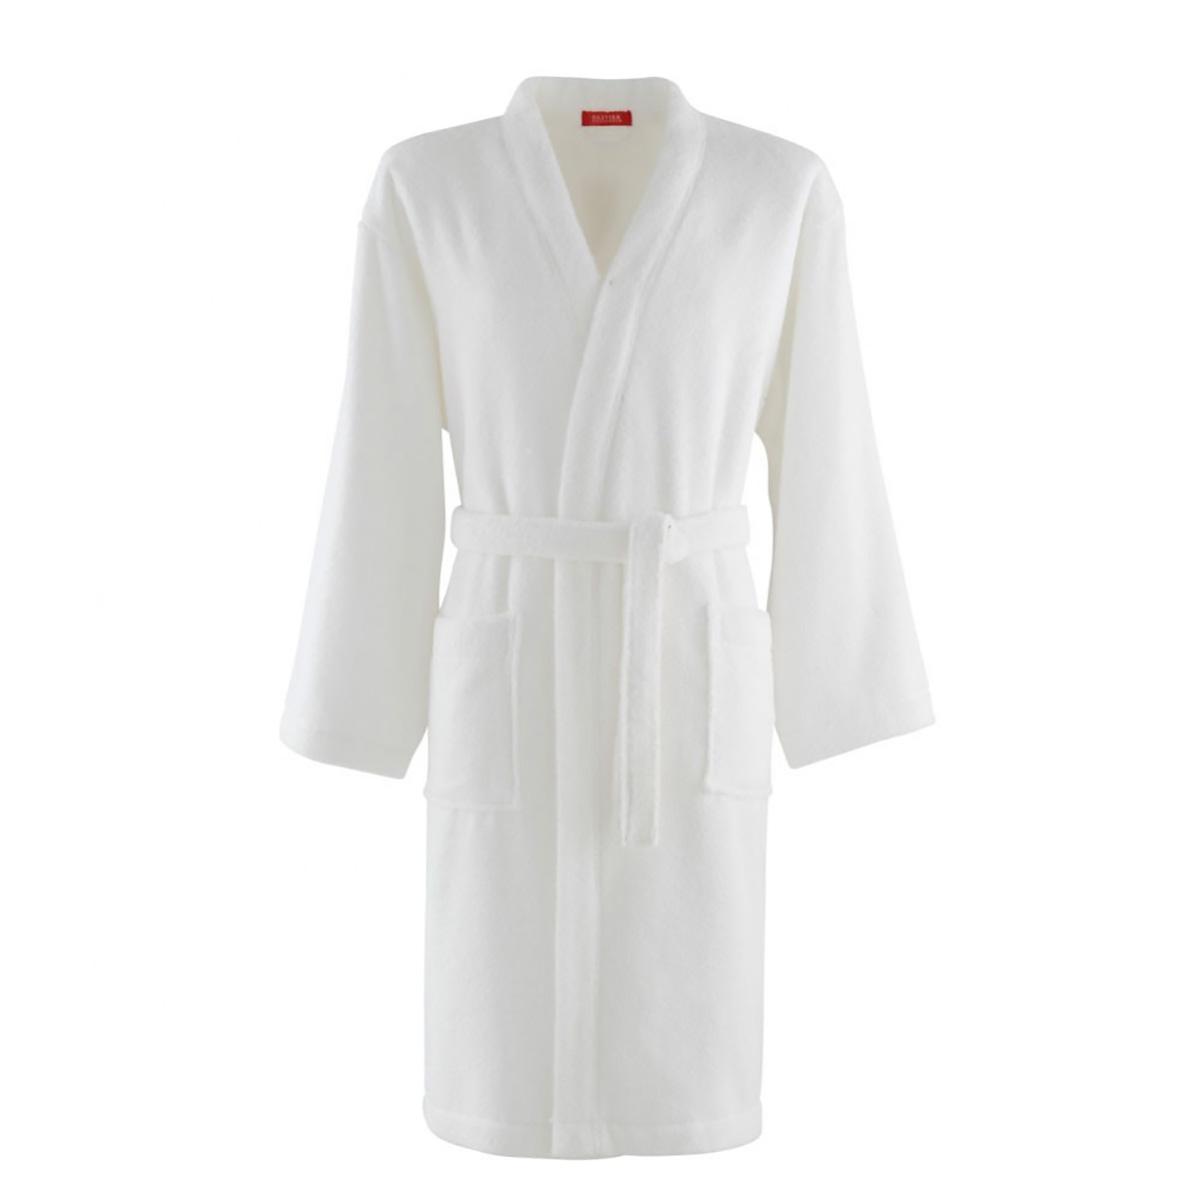 Kimono coton peigné Blanc M